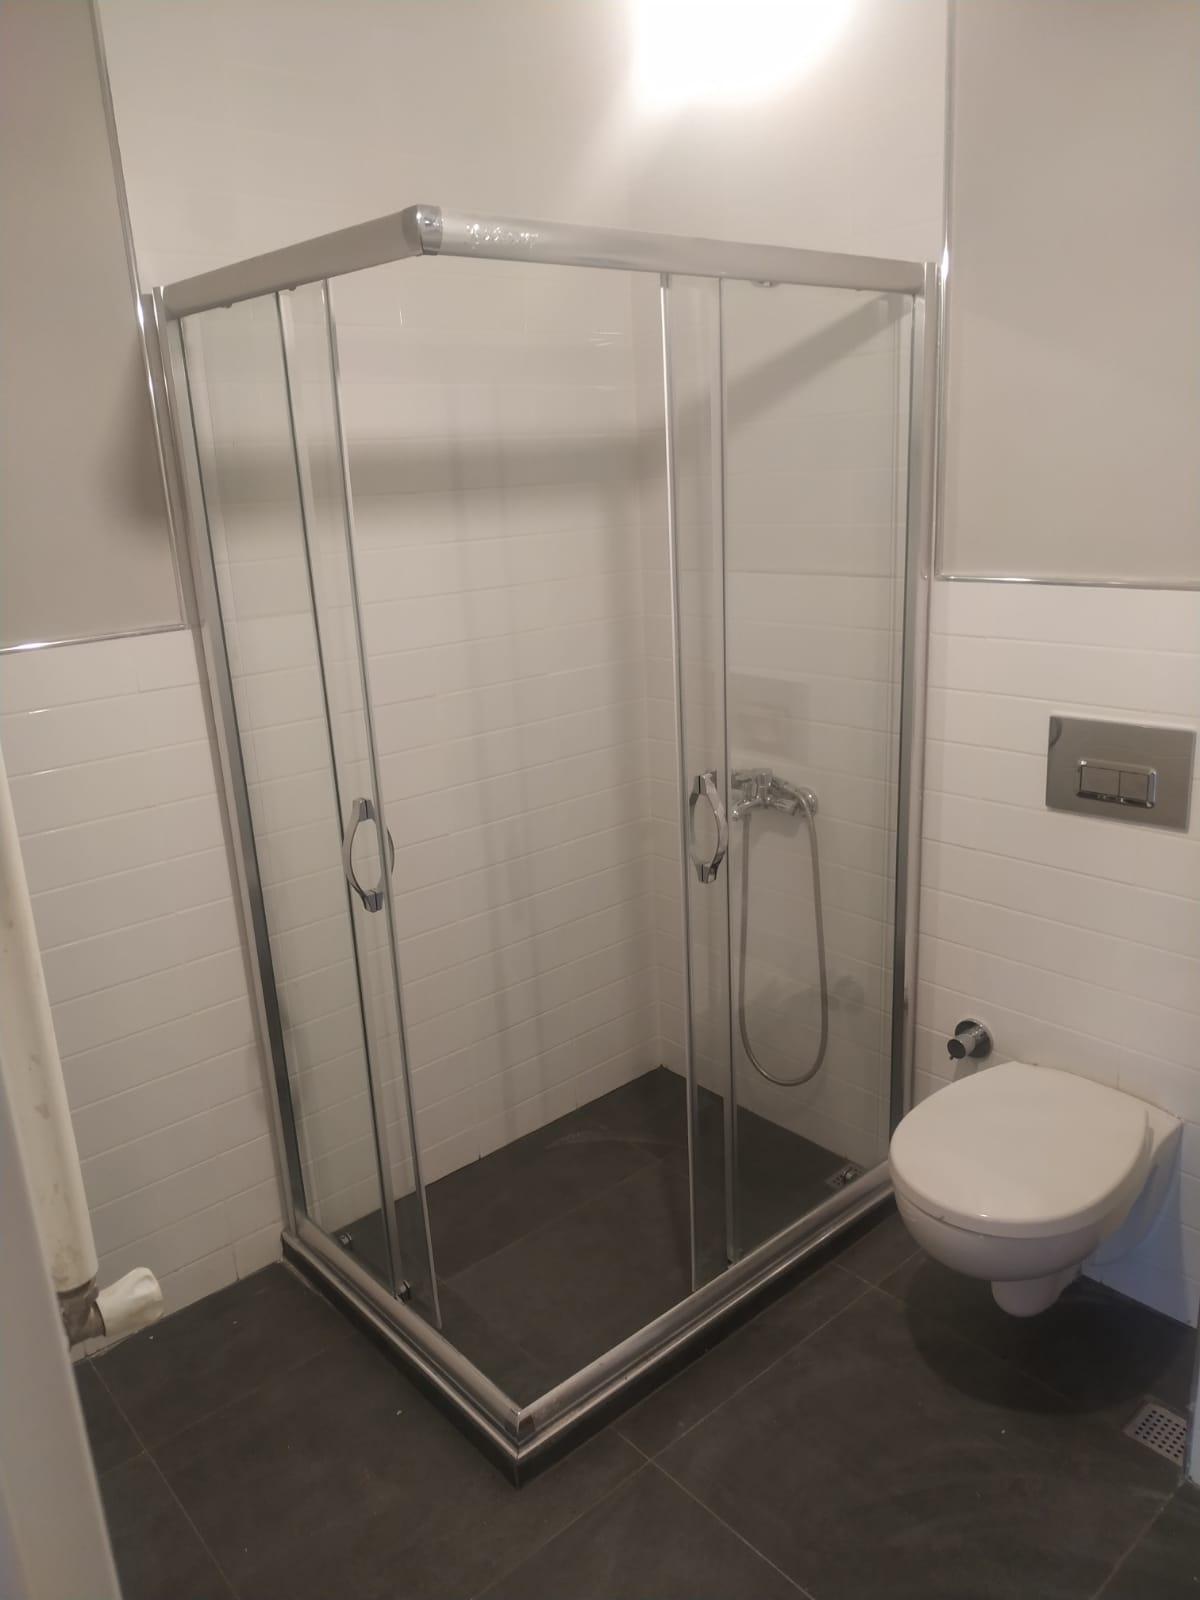 Duşakabinin banyomuzdaki yeri